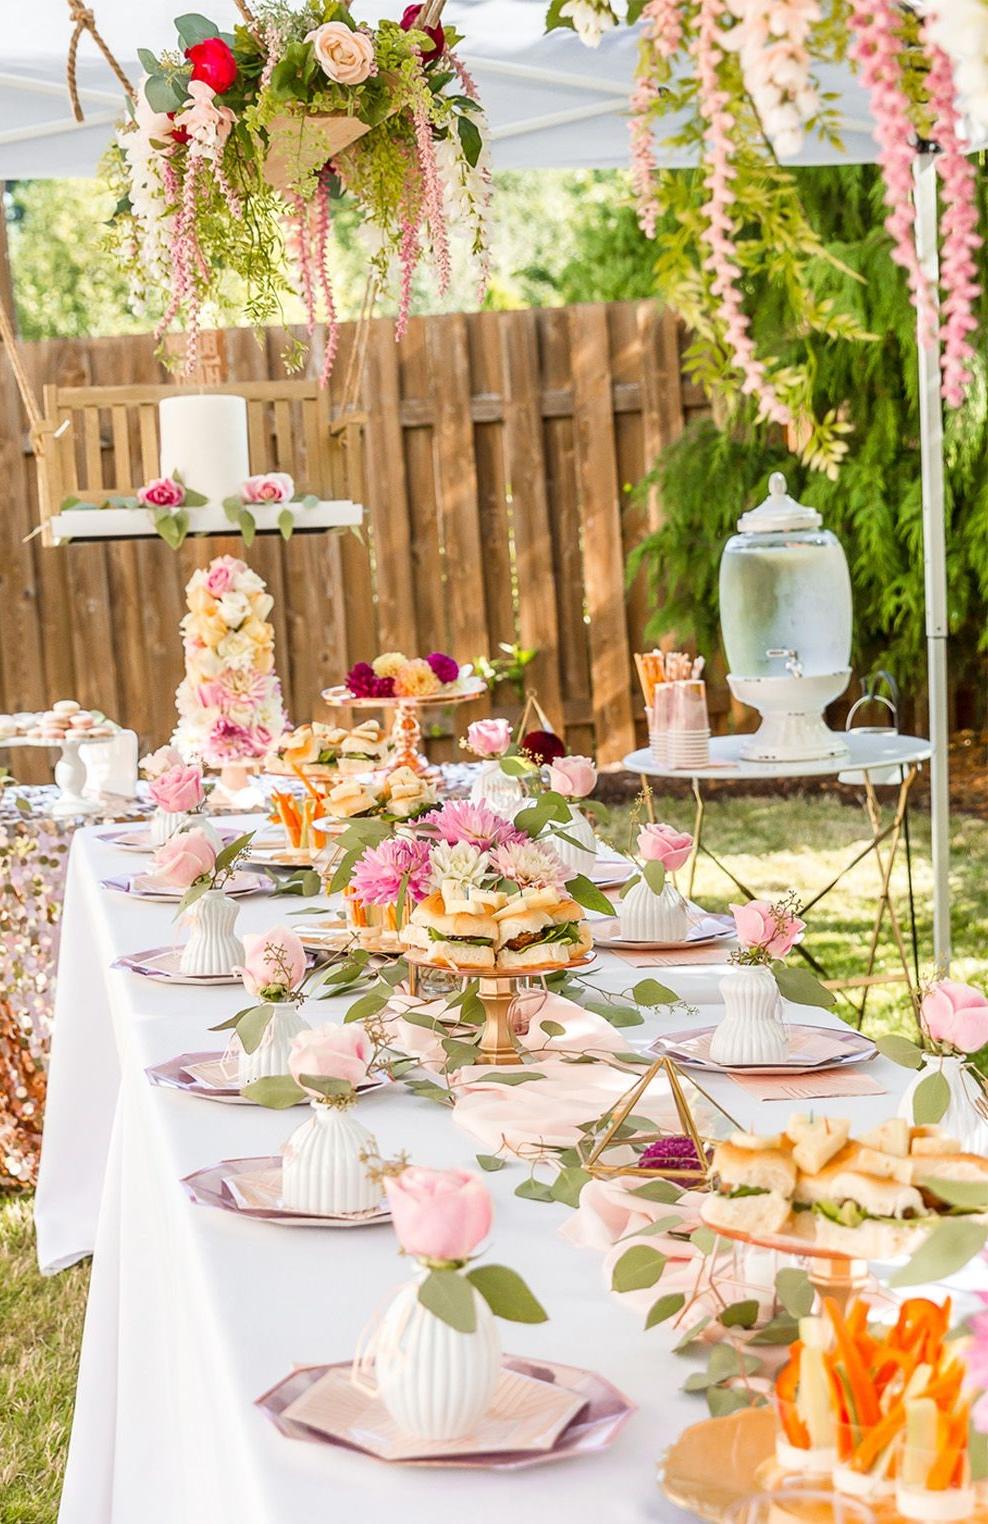 Décoration de table colorée pour Pâques à l'extérieur